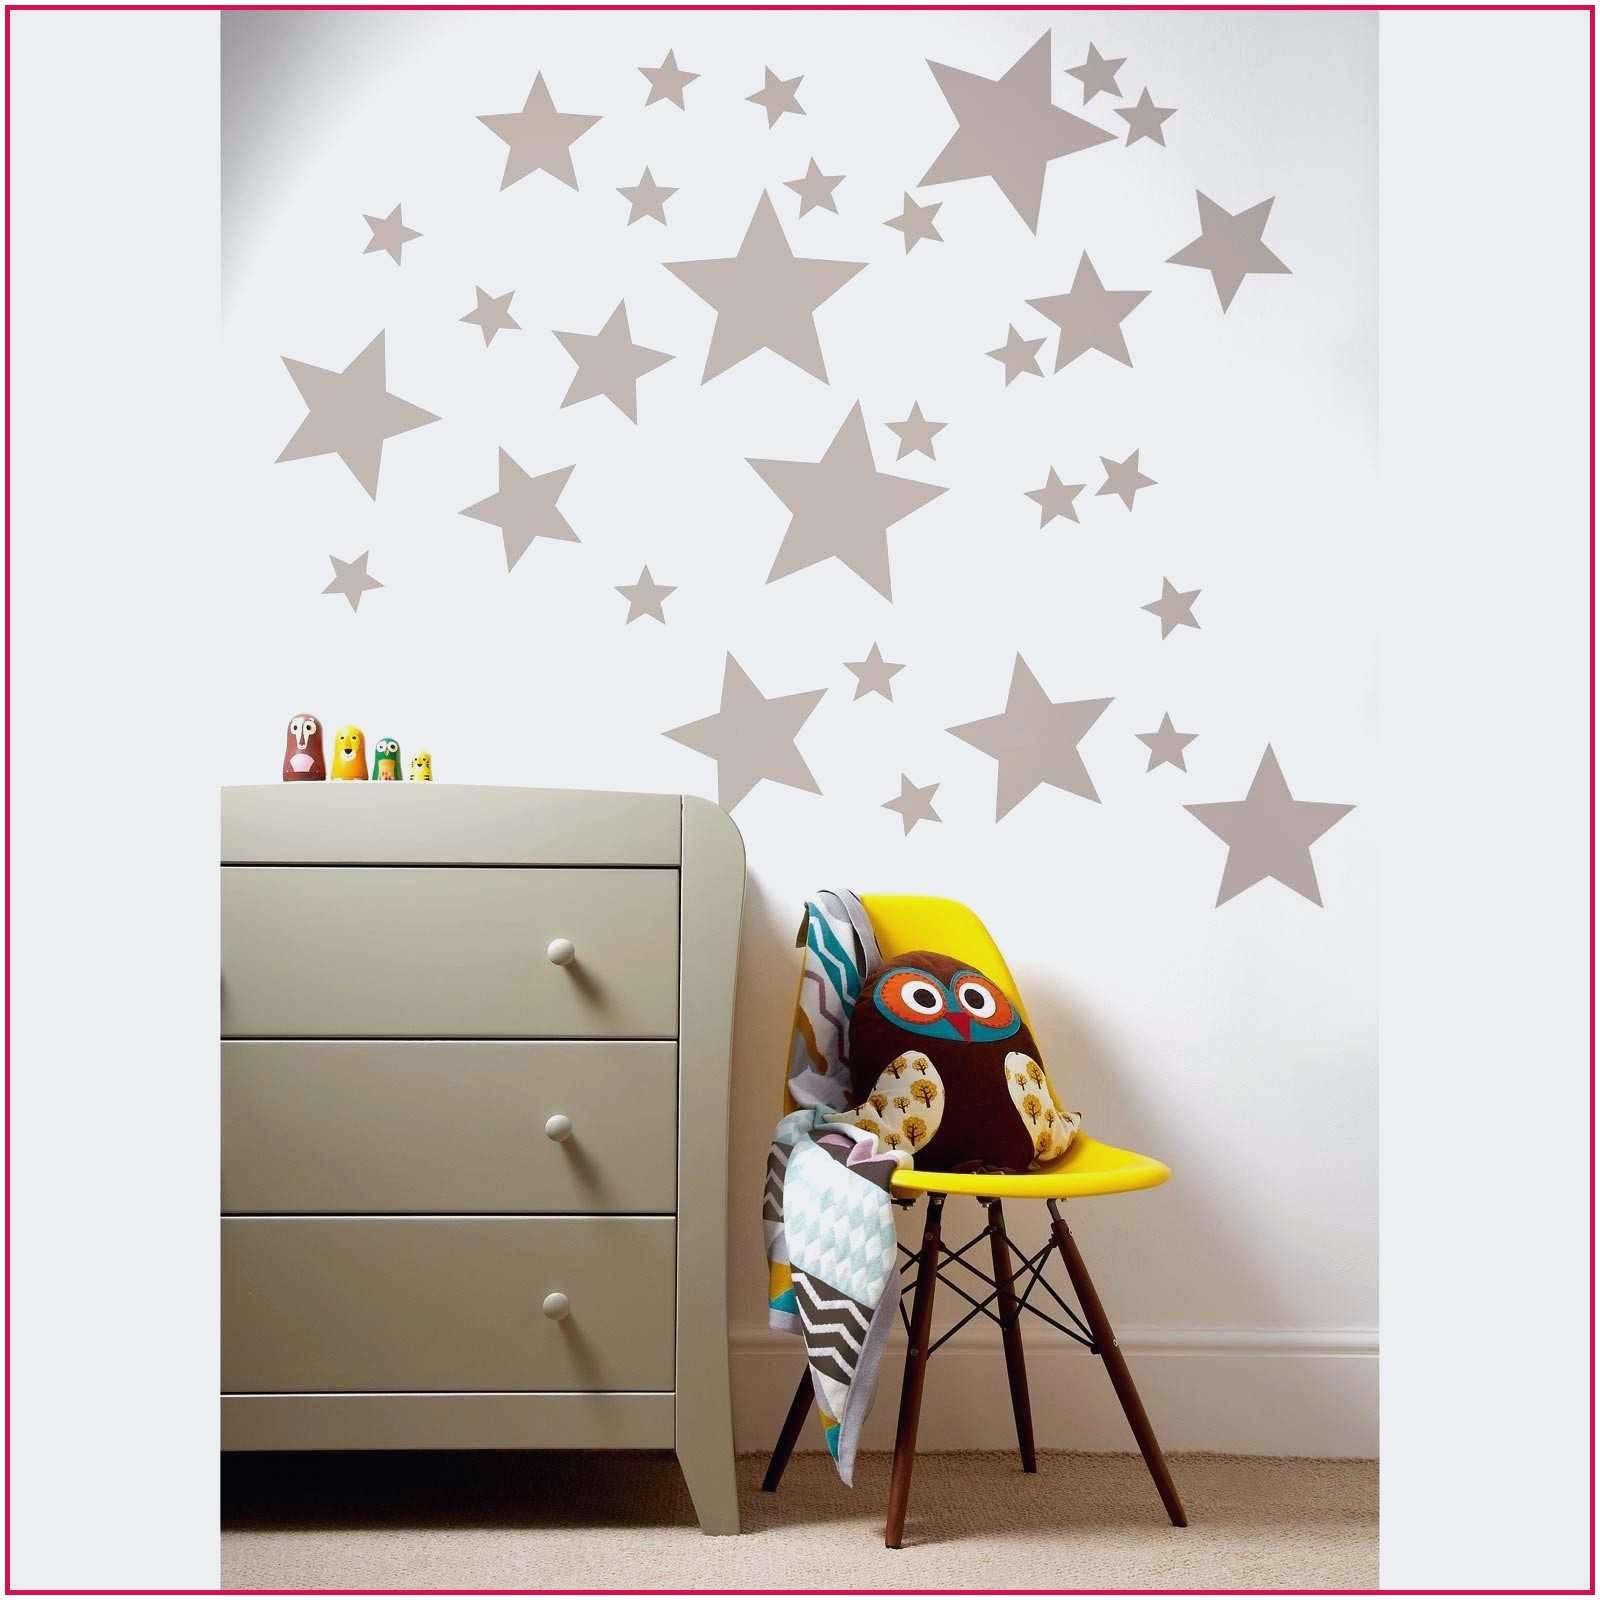 Moustiquaire Lit Bébé Ikea De Luxe Unique Chambre Bébé Fille Gris Et Rose Beau Parc B C3 A9b C3 A9 Gris